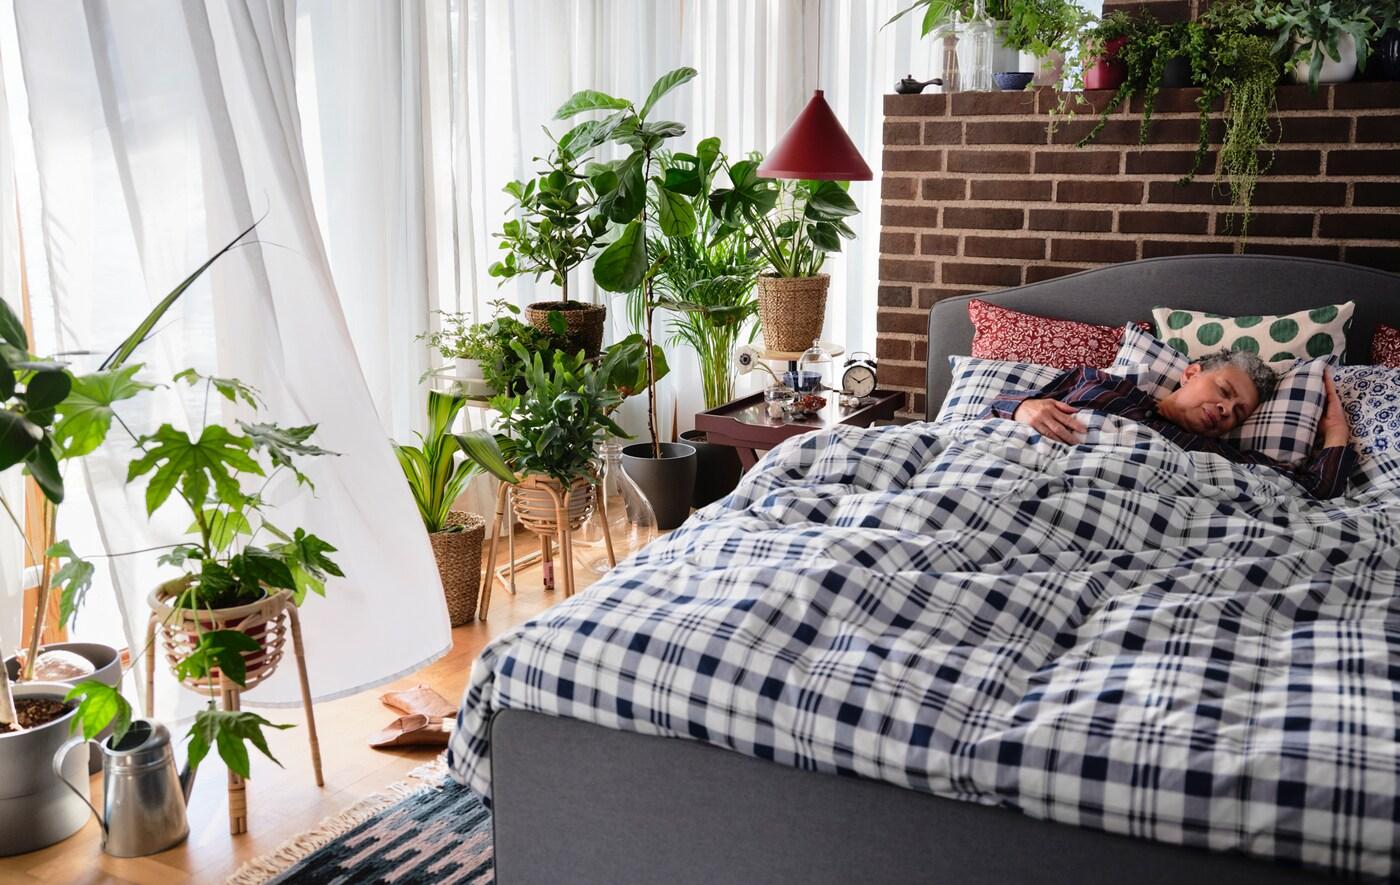 7. 不要用格紋床單被舖。  睡覺是養精蓄銳、養氣凝神的時候,床單被舖上的格紋就像網一樣,直接隔斷桃花。